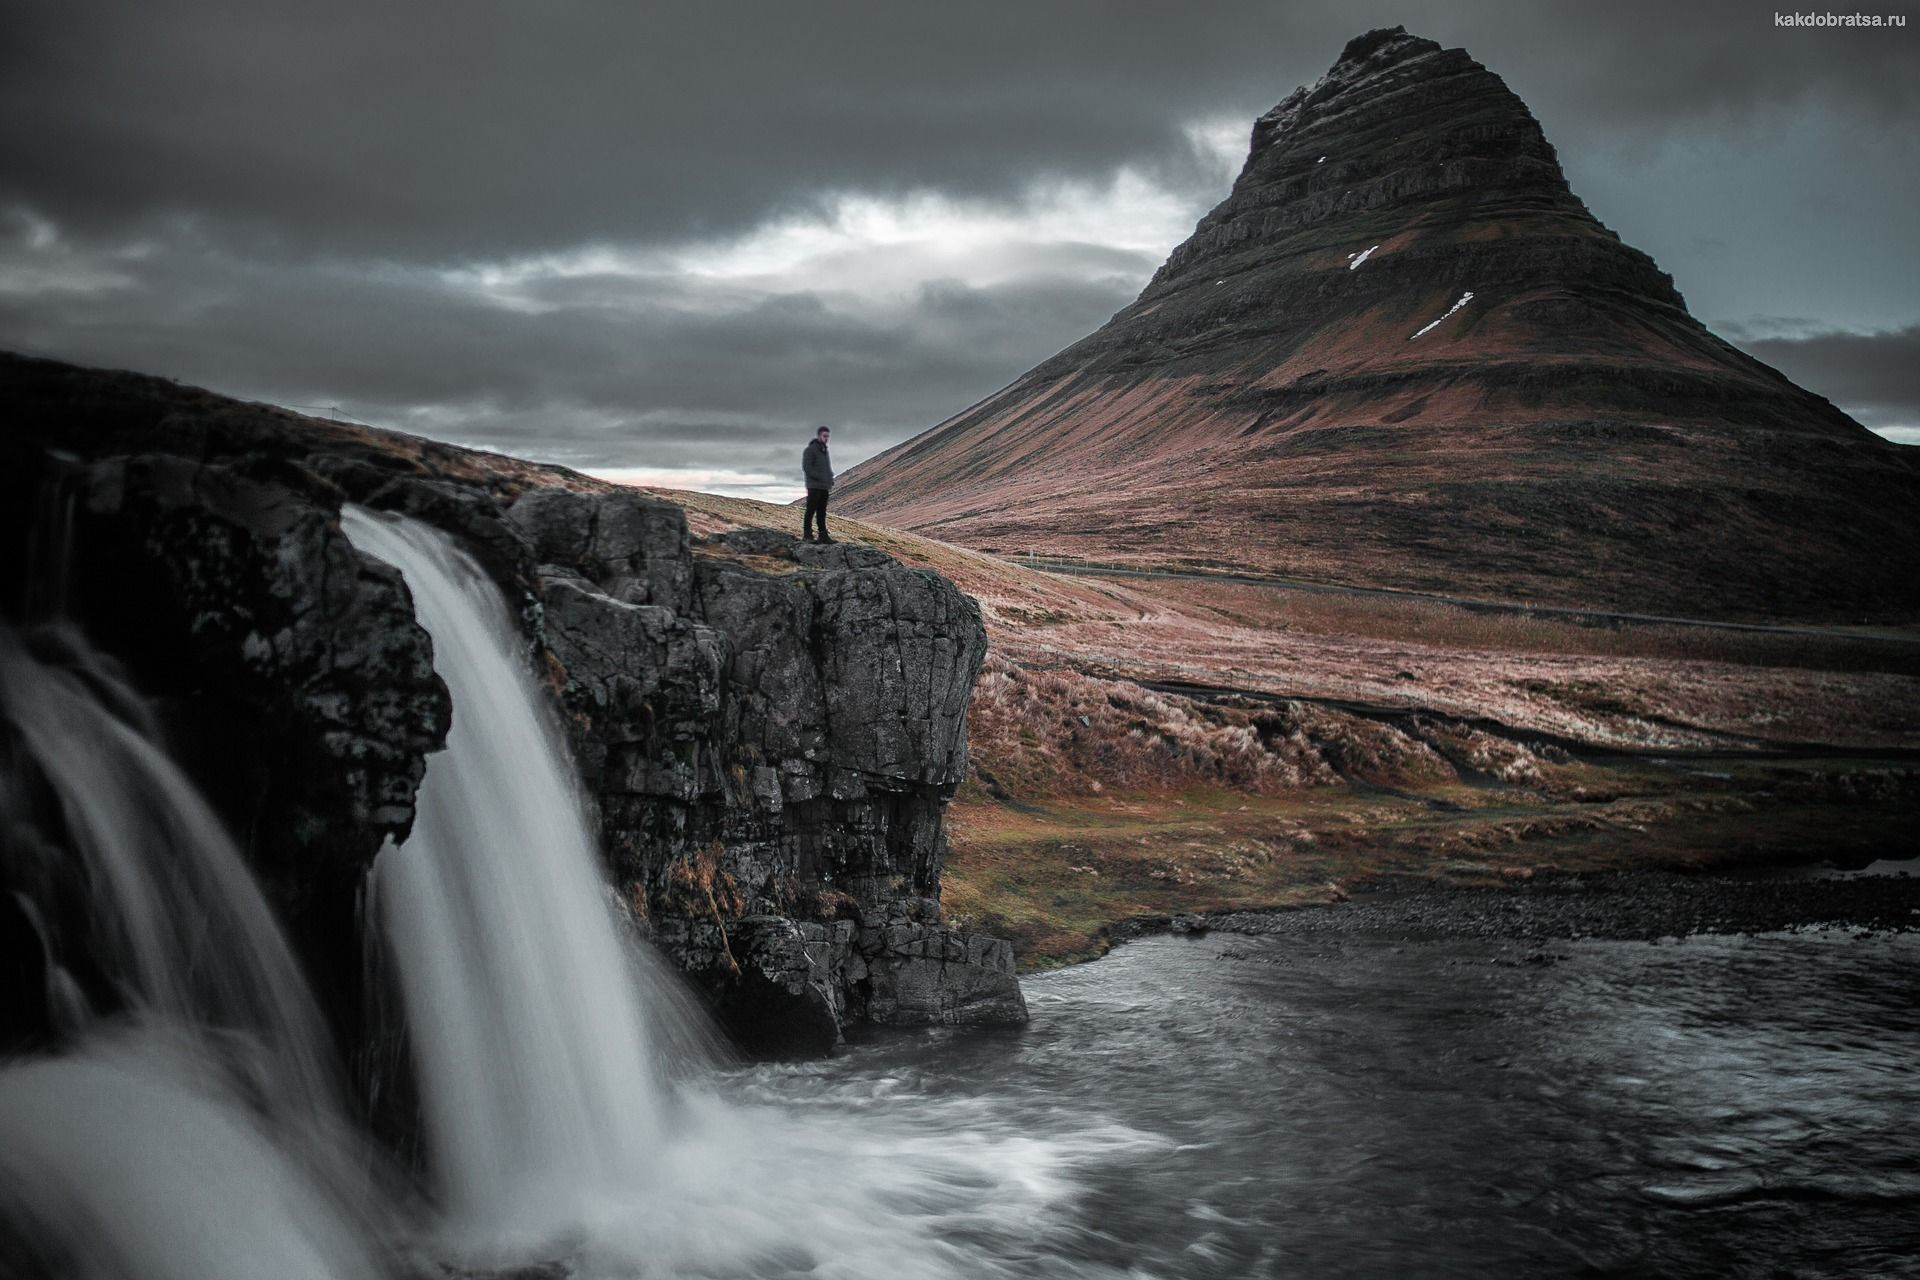 Восток Исландии куда поехать